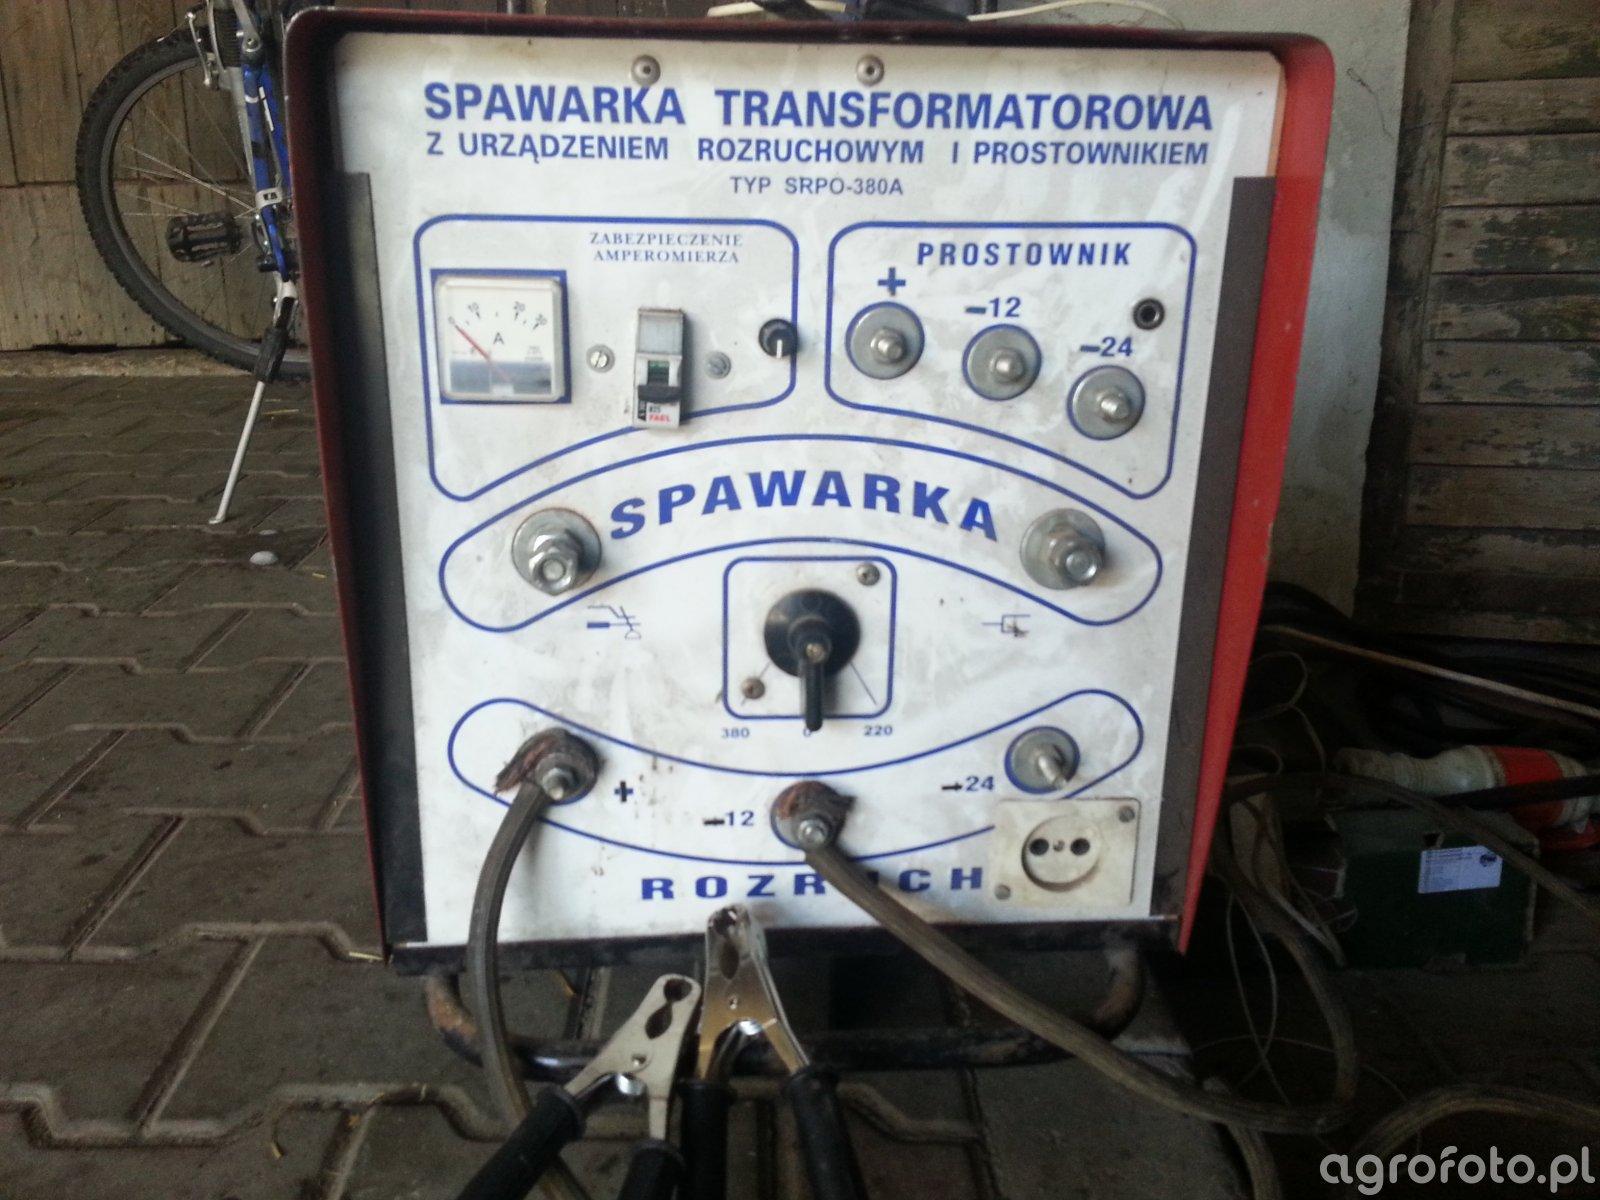 Spawarka transformatorowa z prostownikiem i rozruchem.